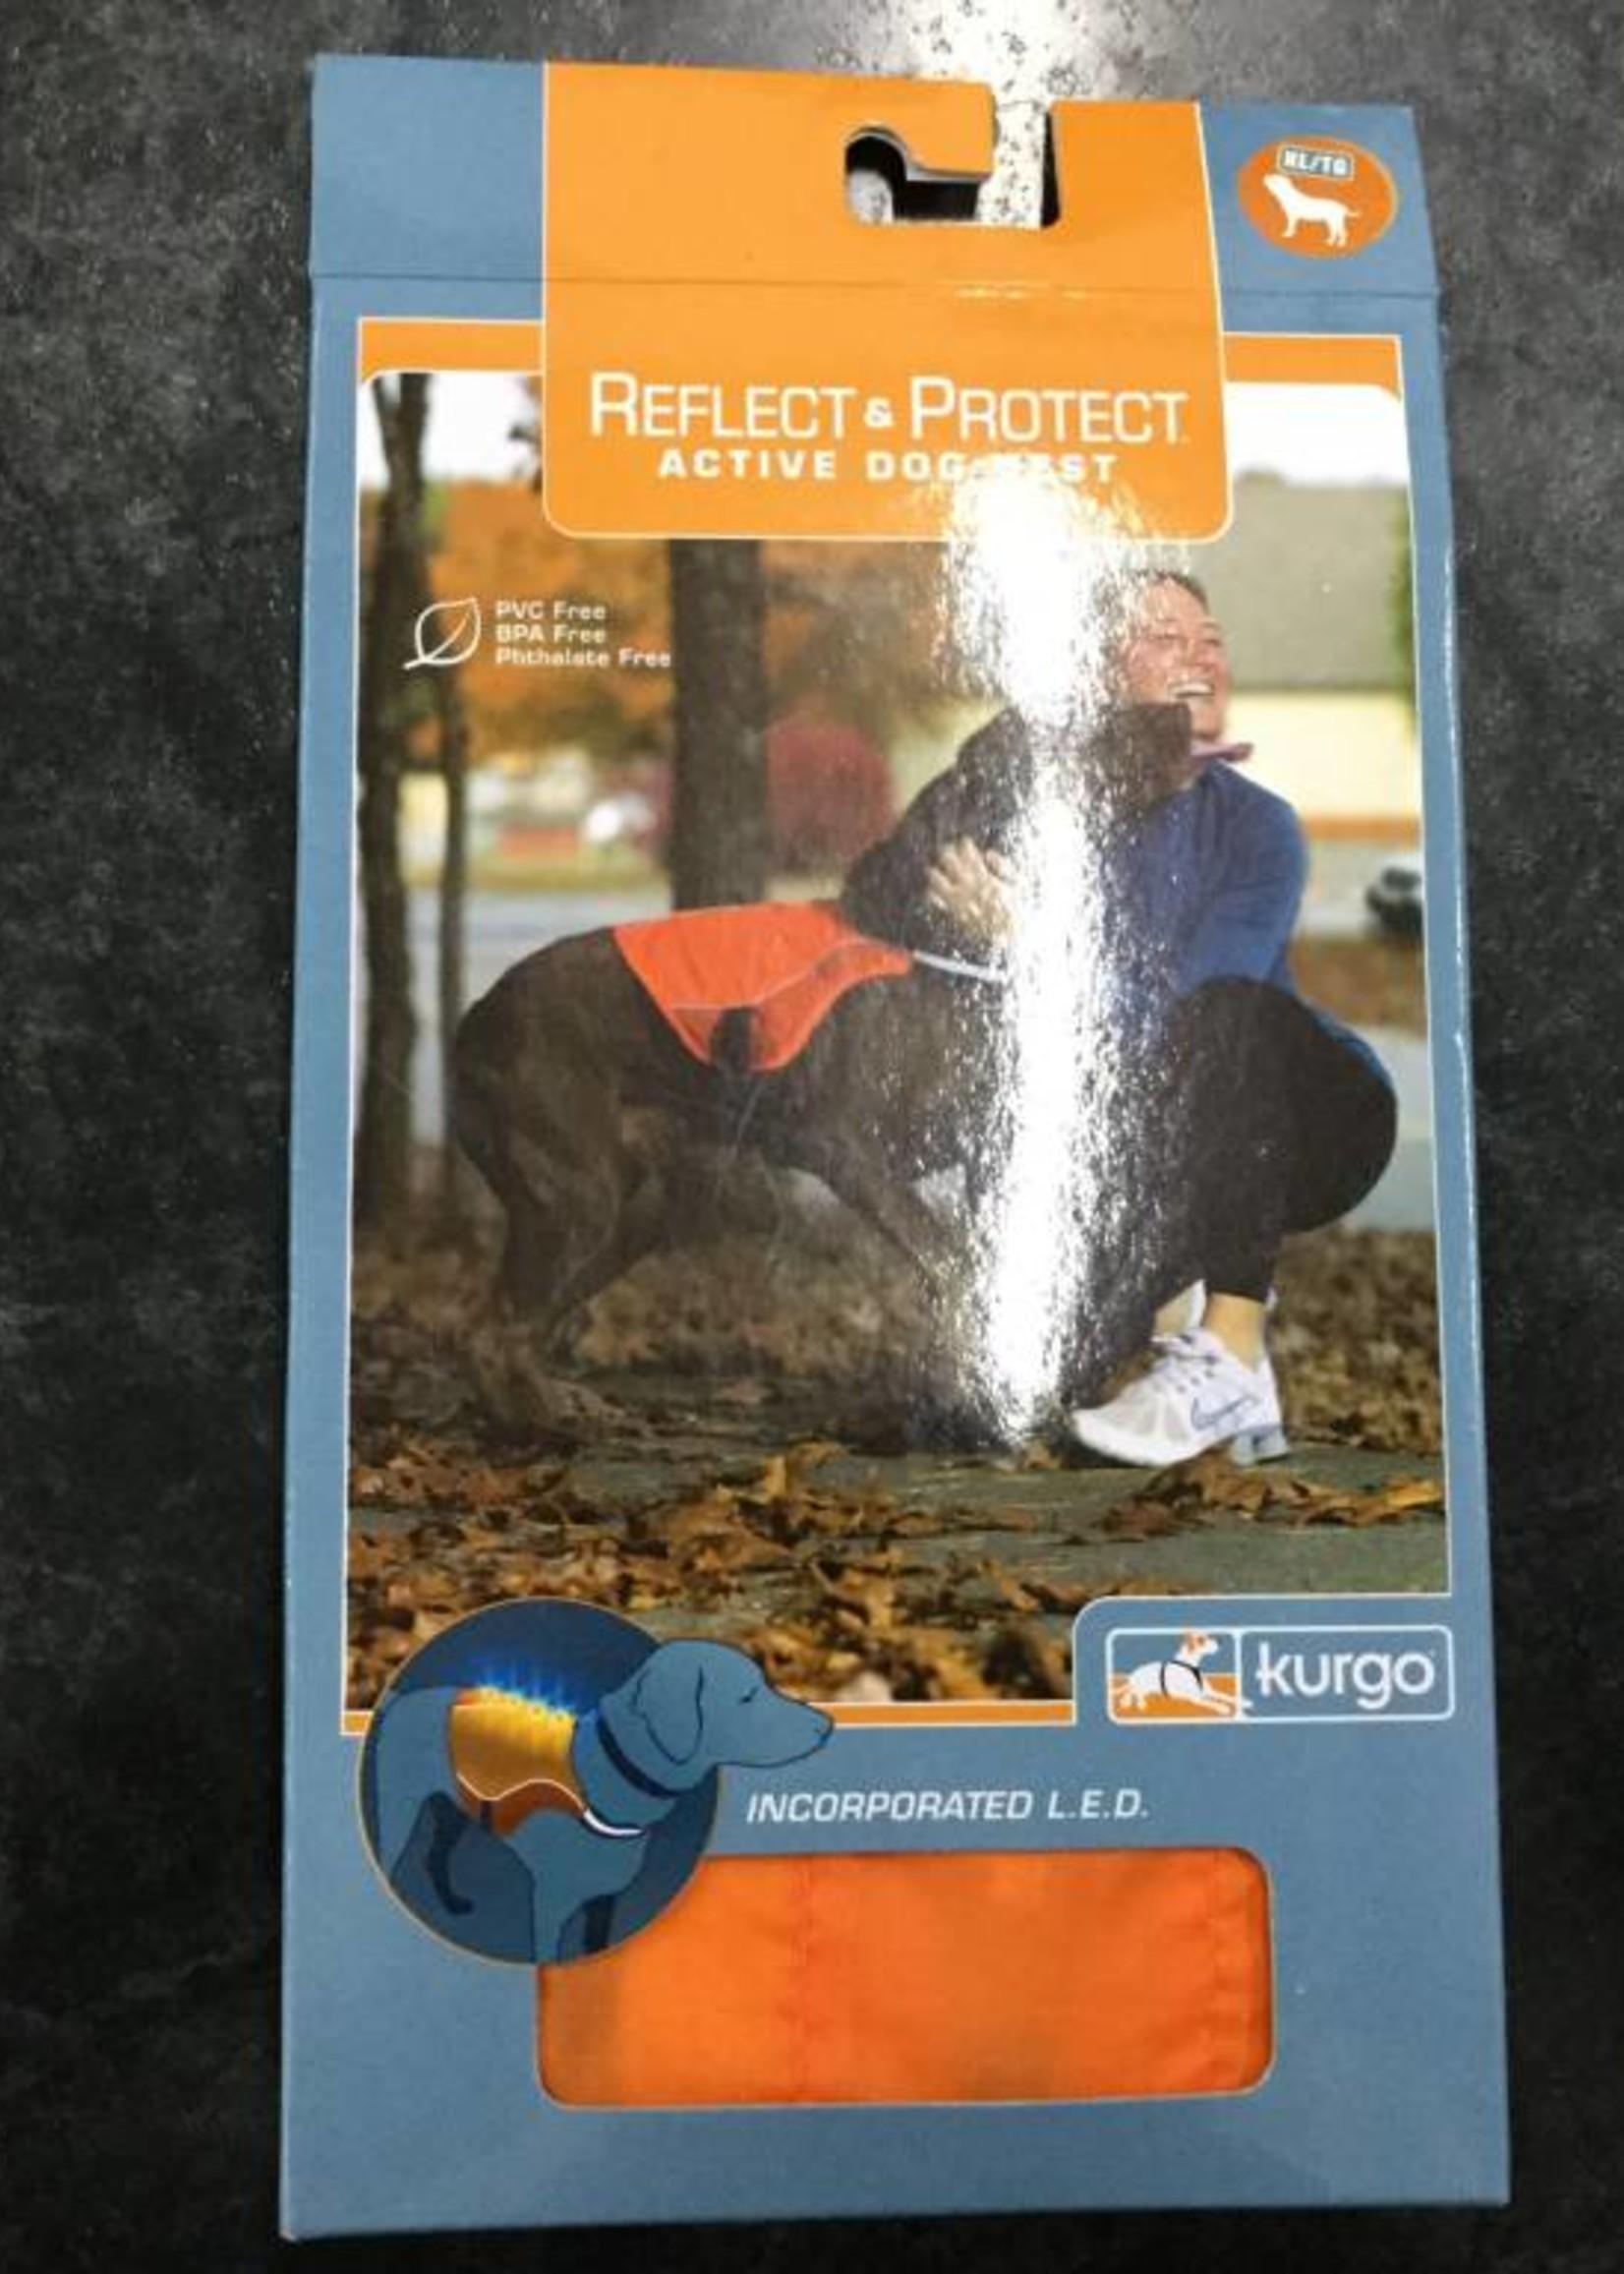 Kurgo Kurgo Reflect & Protect Active Dog Vest X-Large